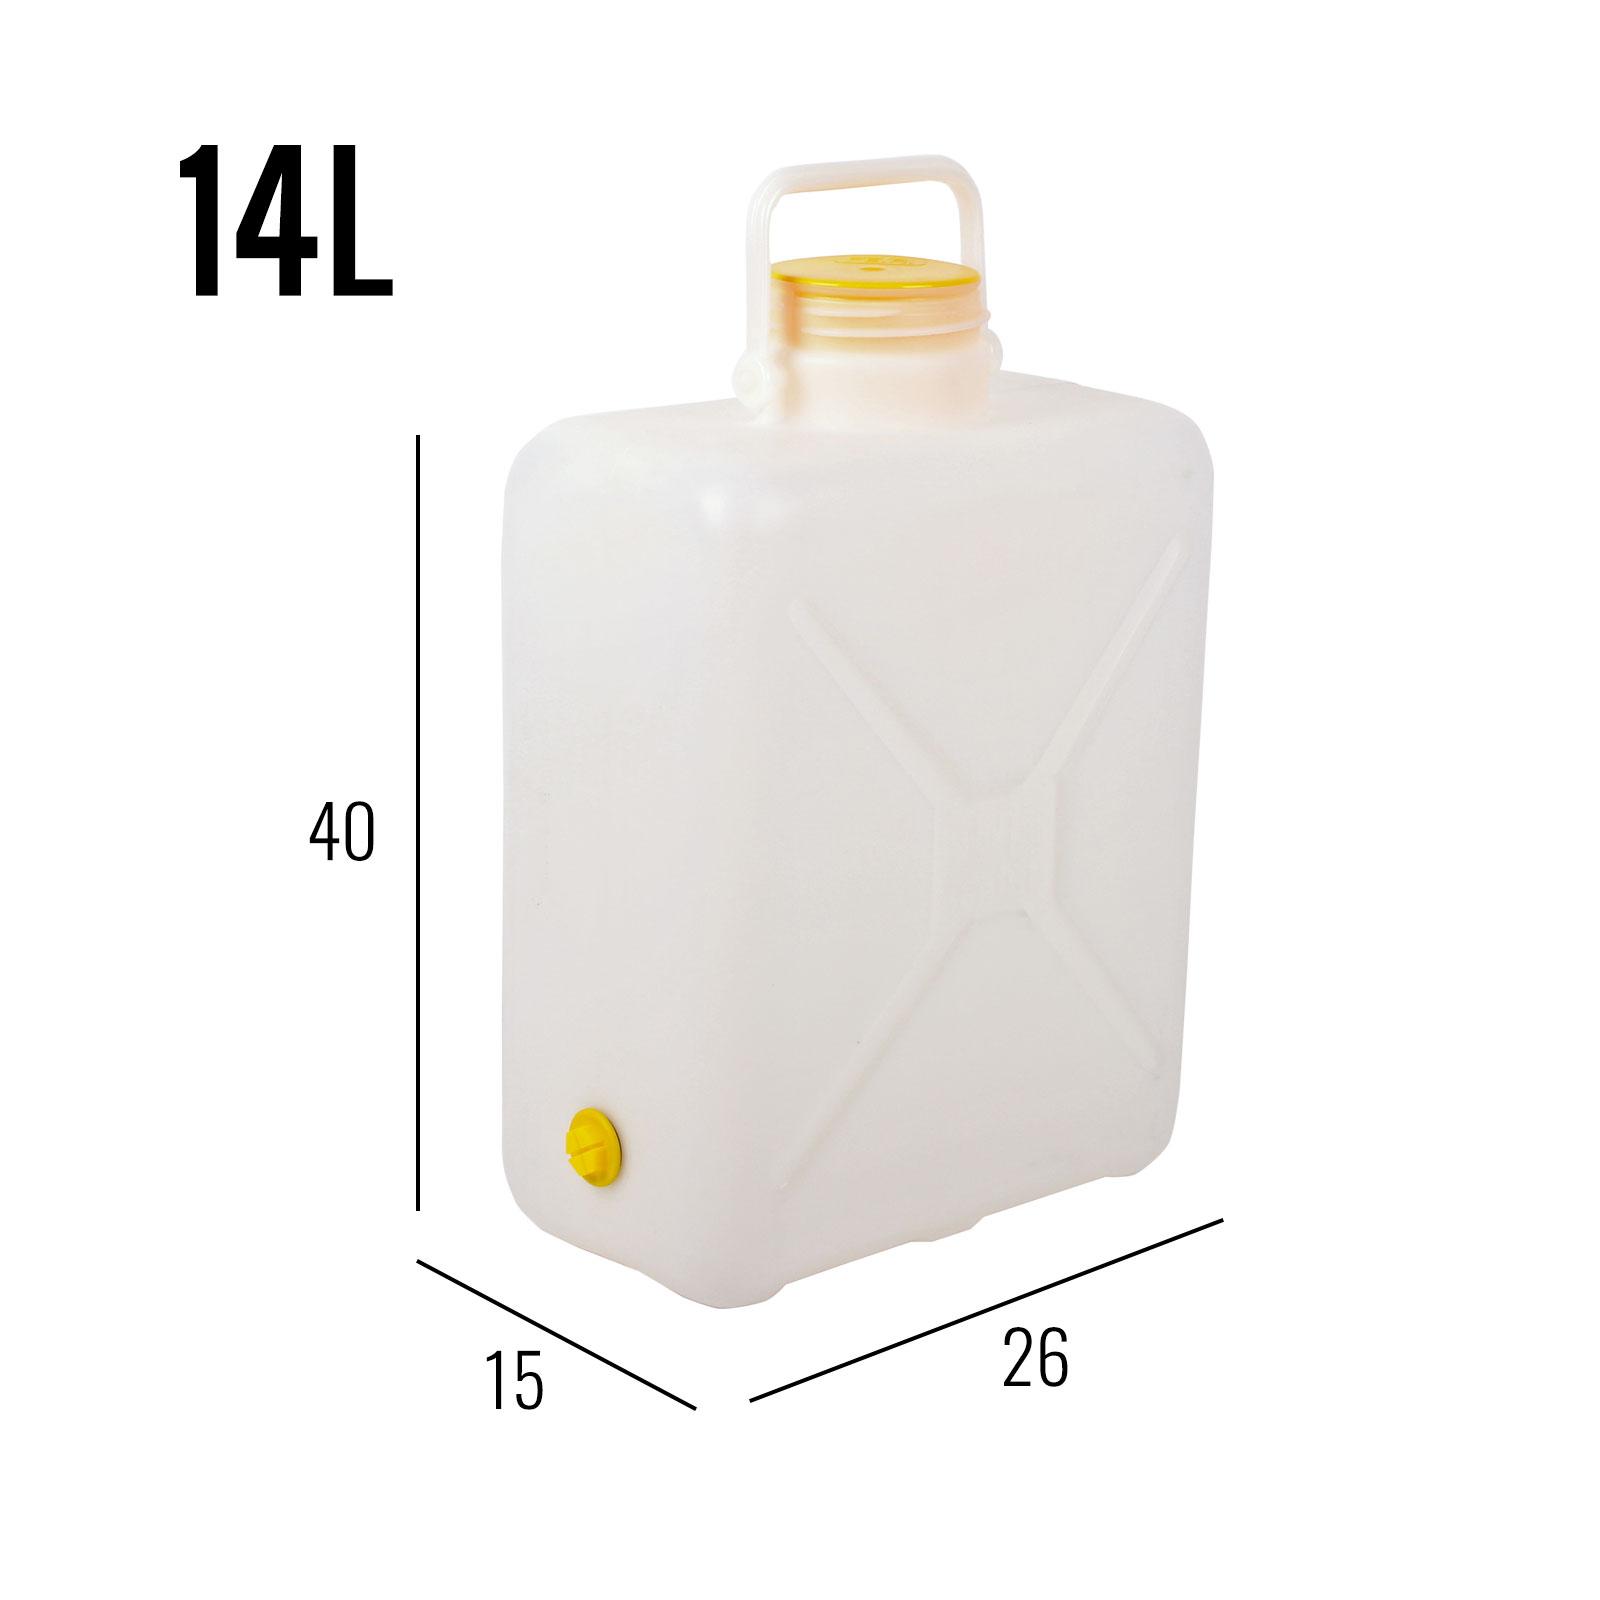 Weithalskanister Comet 14 Liter weiß Bügelgriff Stopfen DIN 96